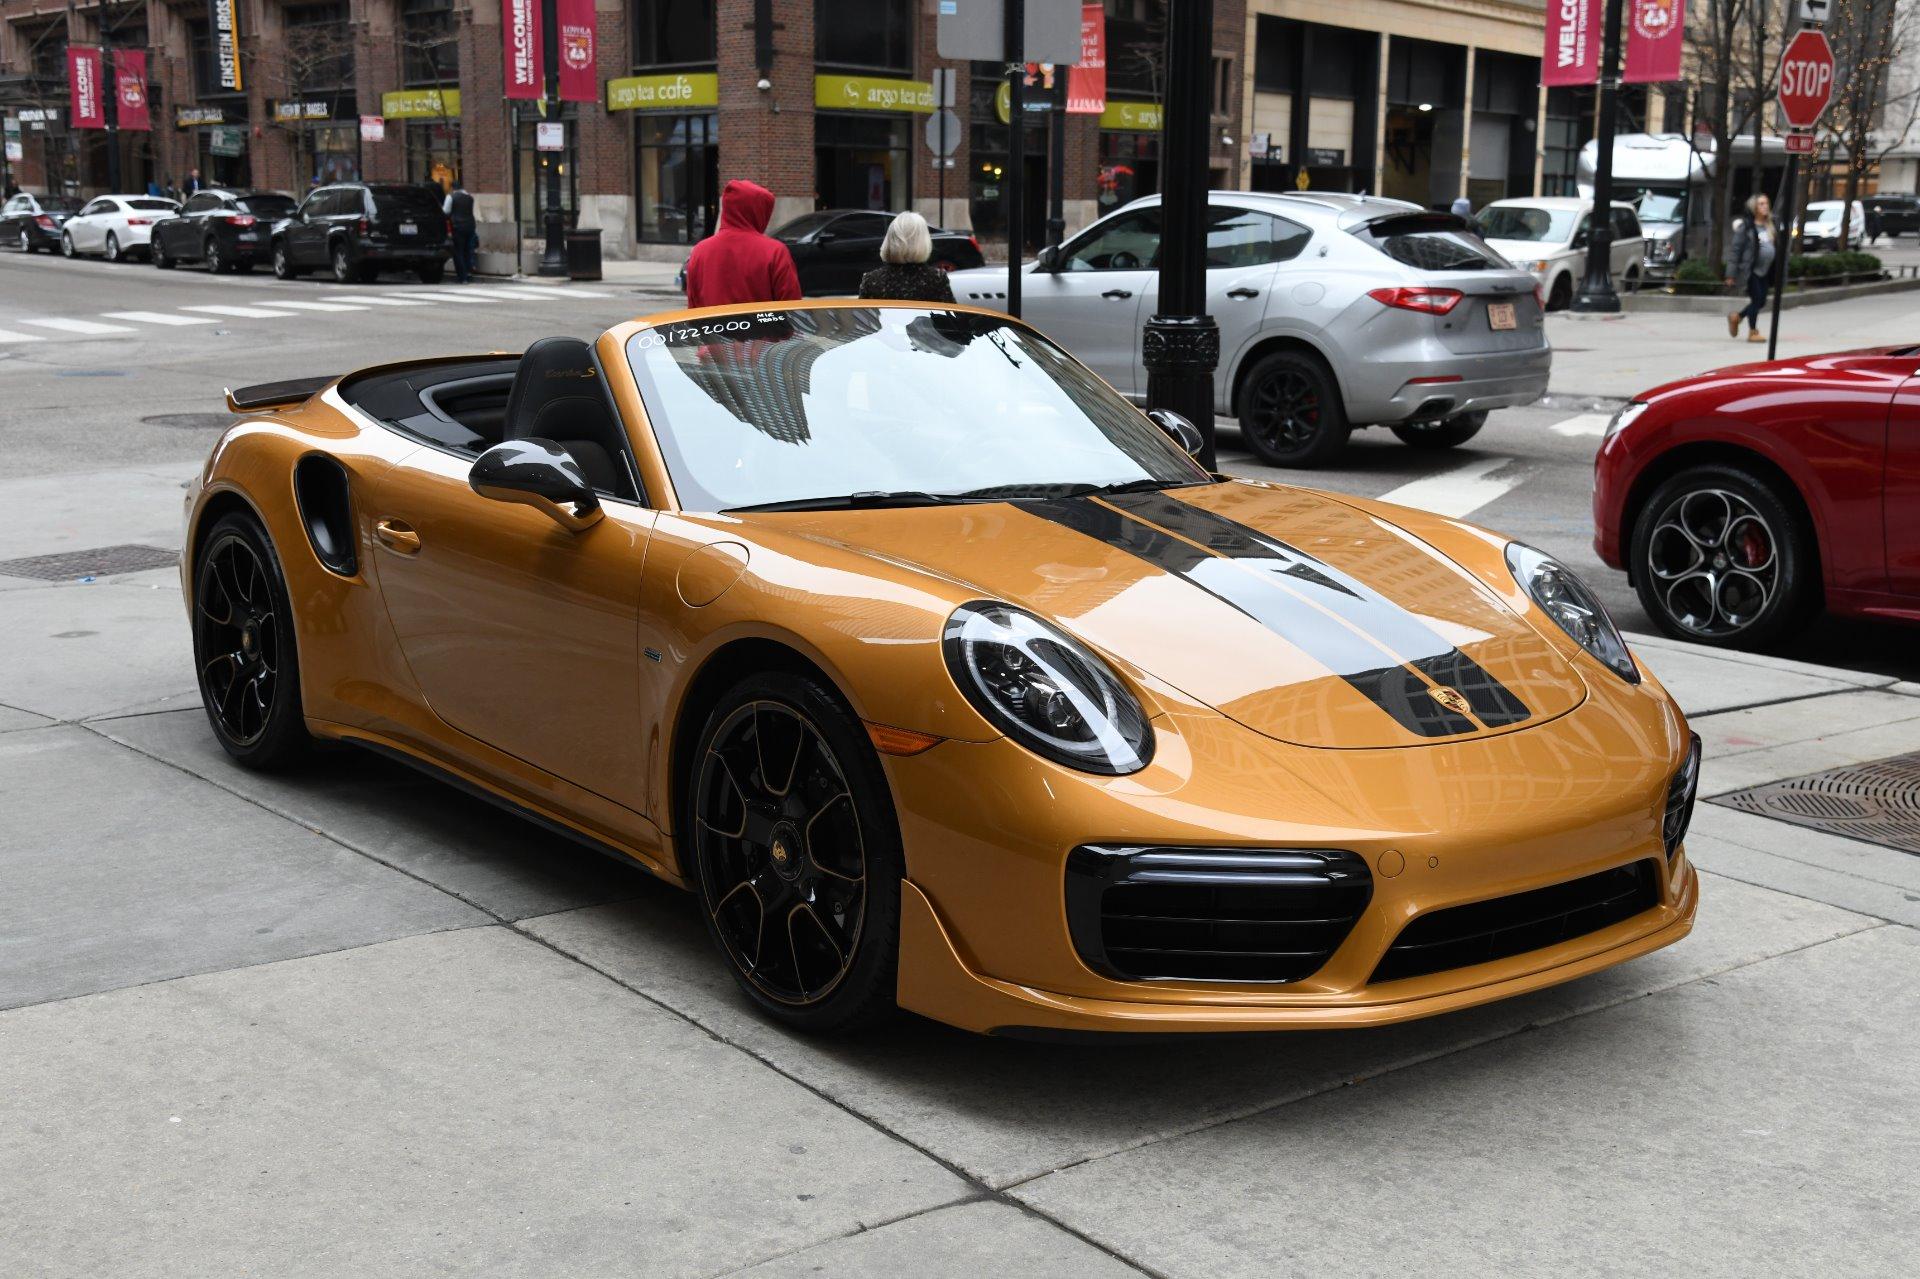 Used 2019 Porsche 911 Turbo S Exclusive | Chicago, IL